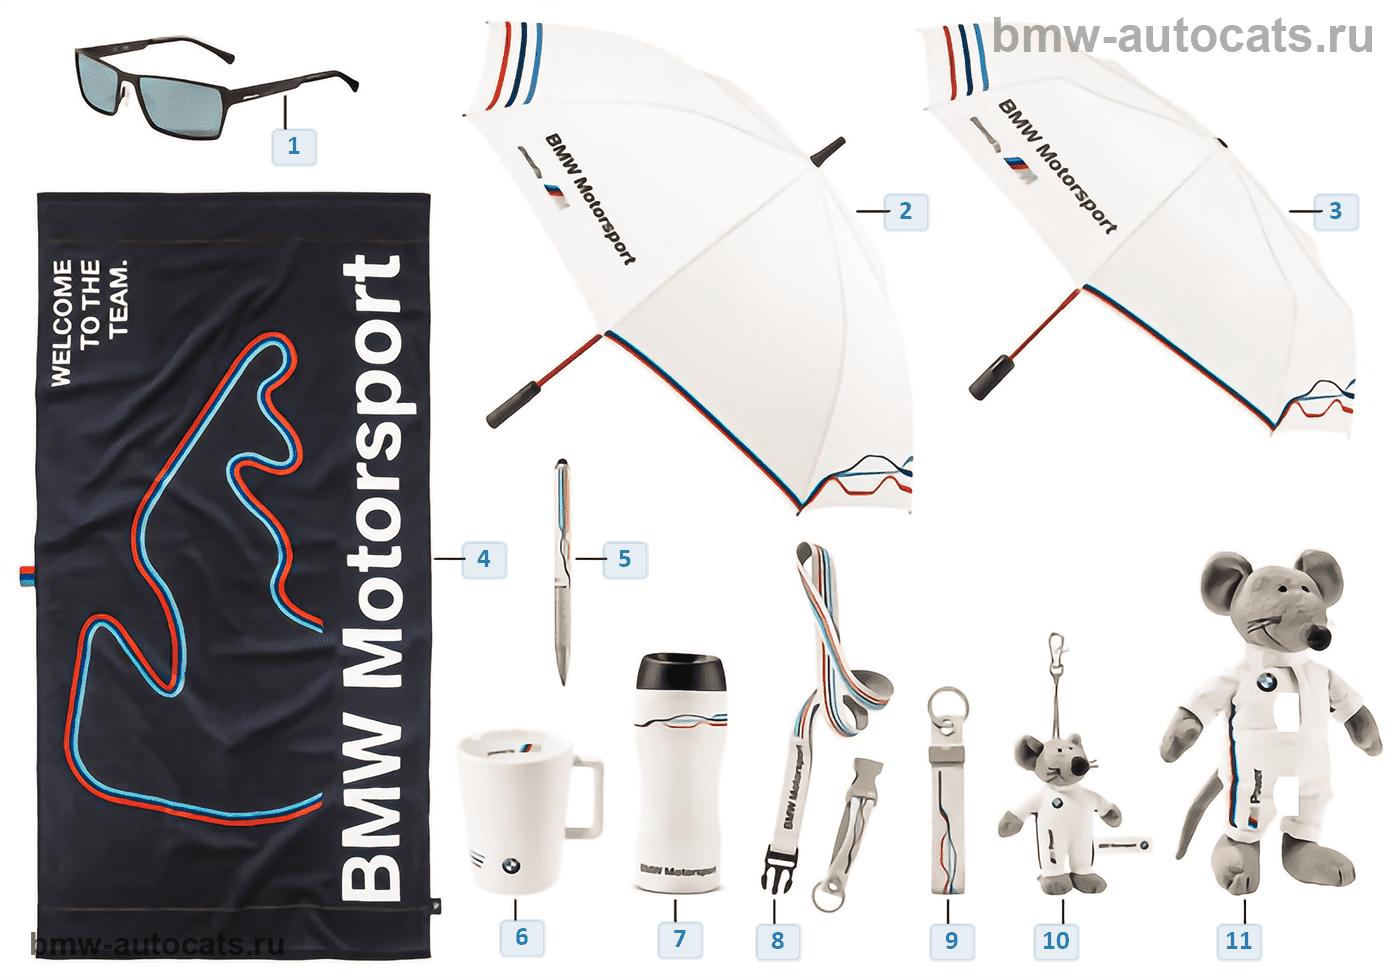 BMW Motorsport — Аксессуары 2015/17